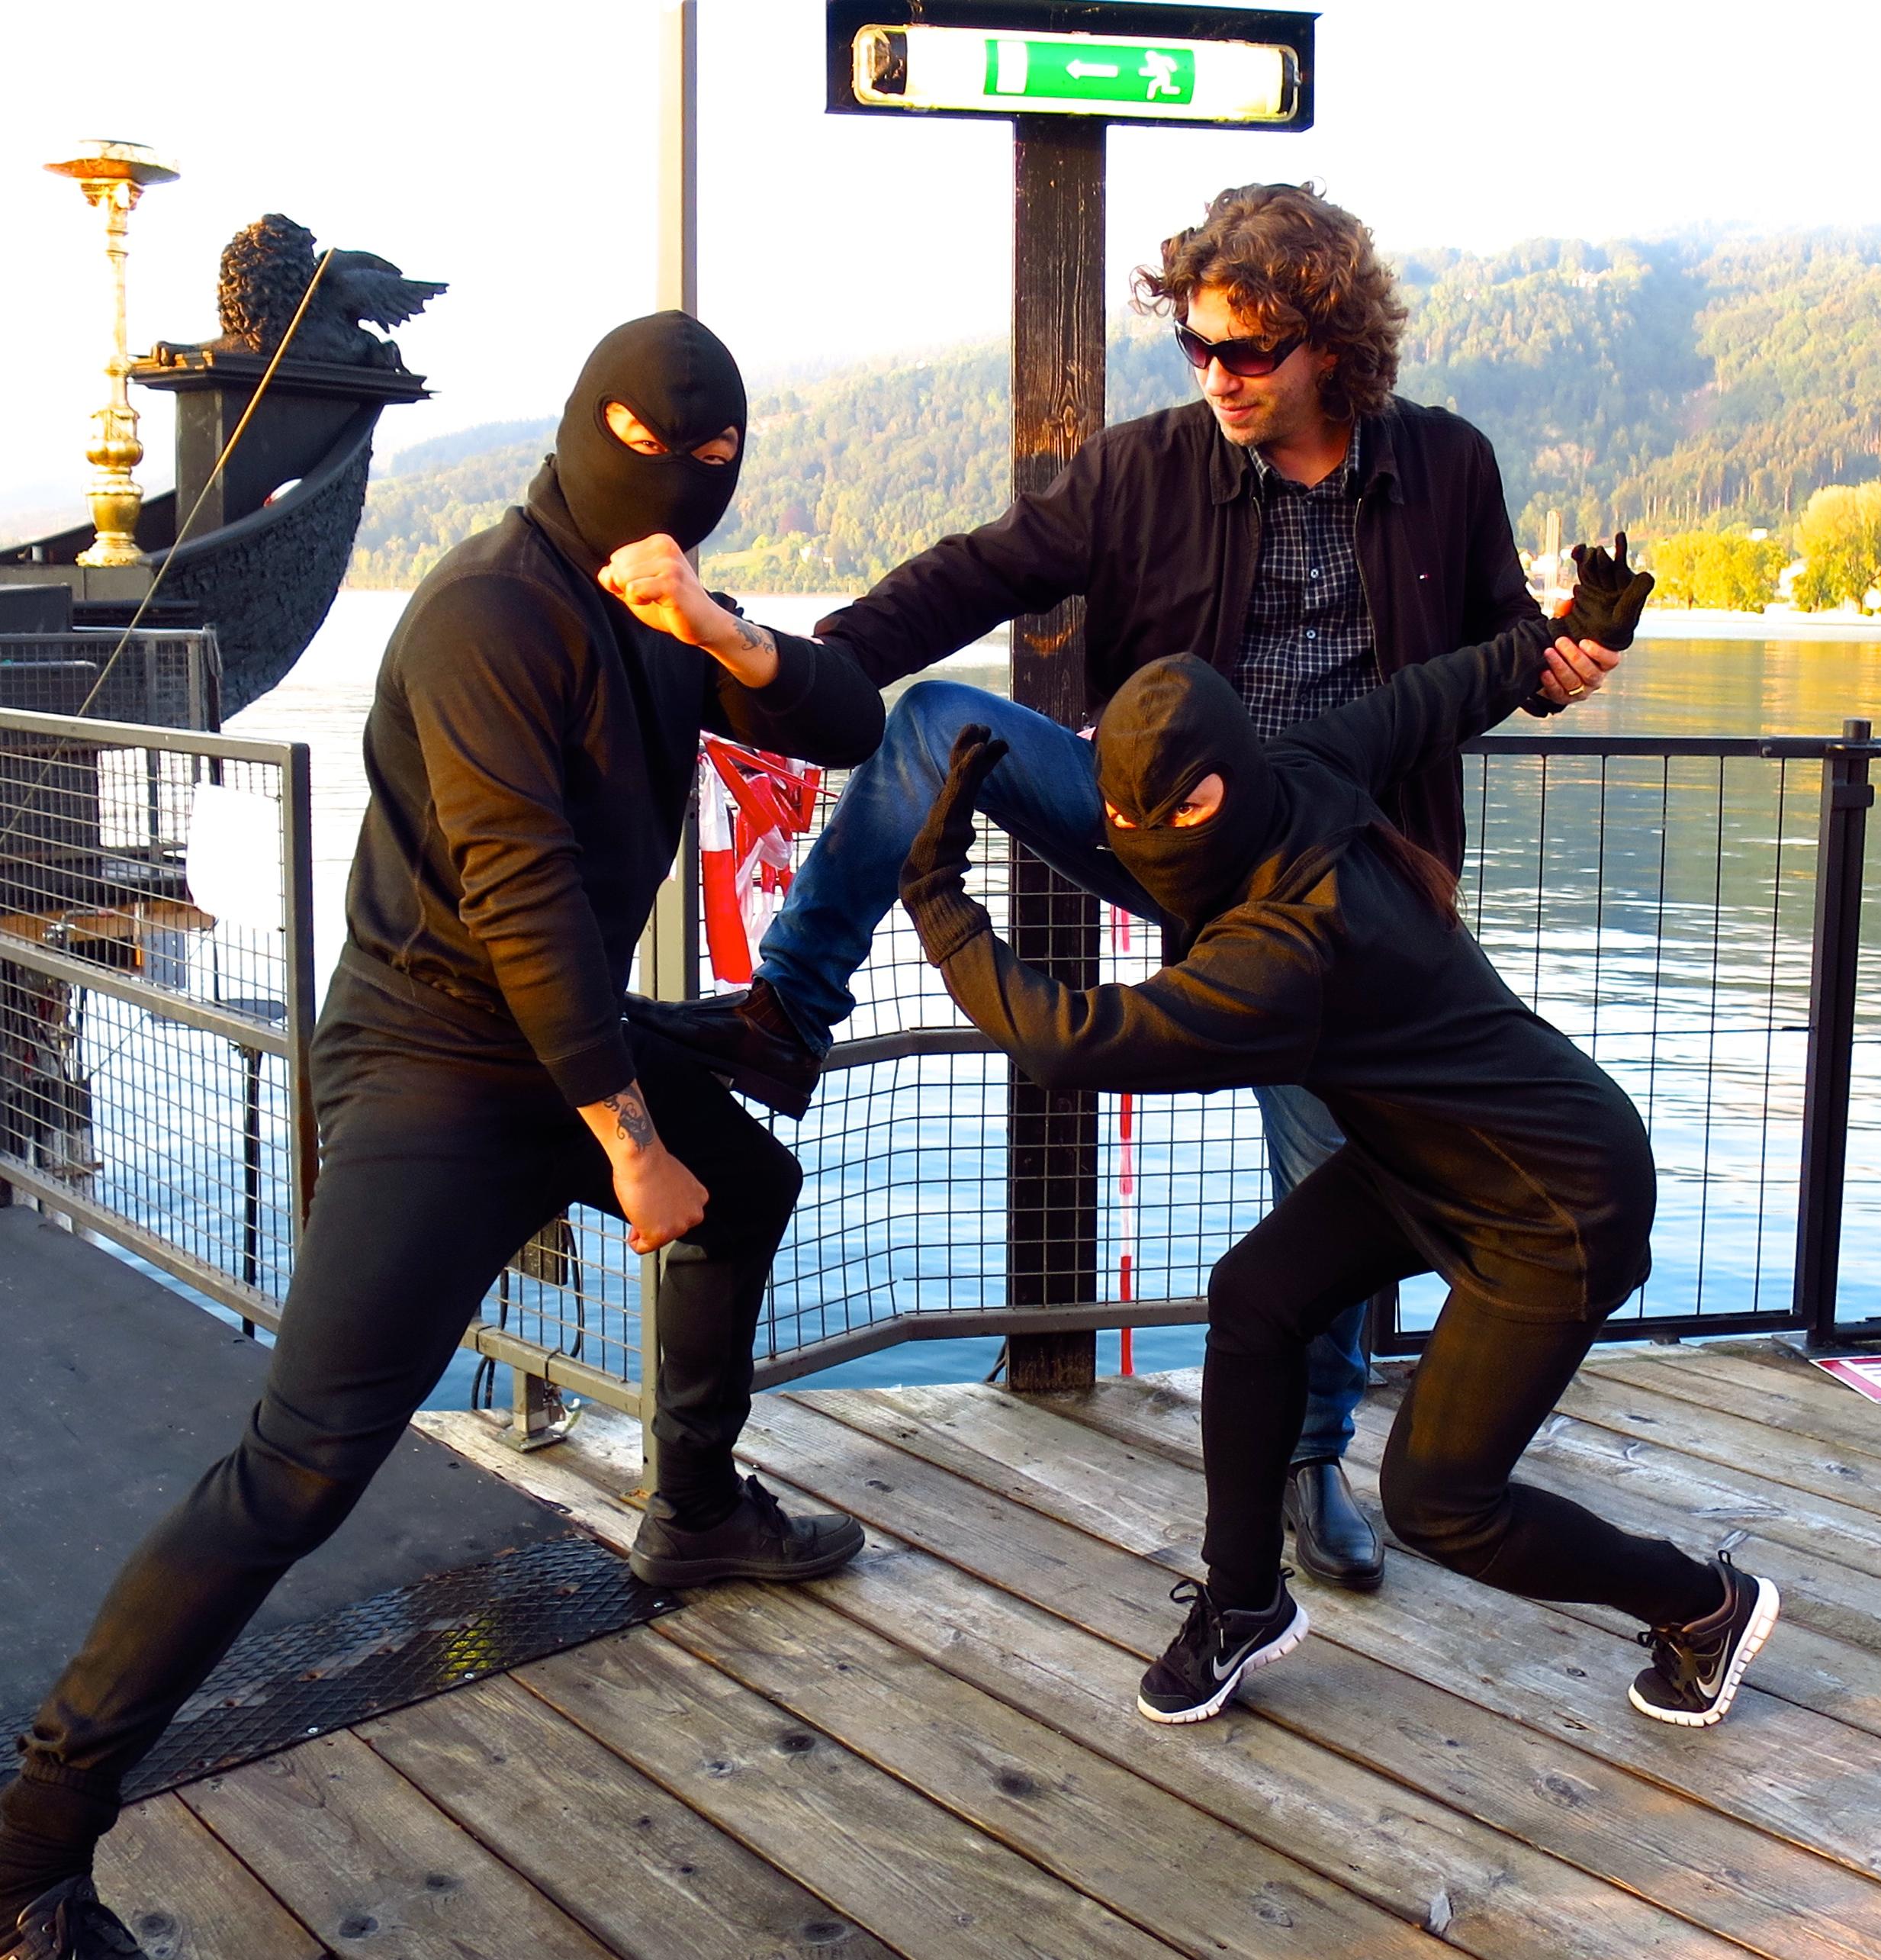 Ninja jokes